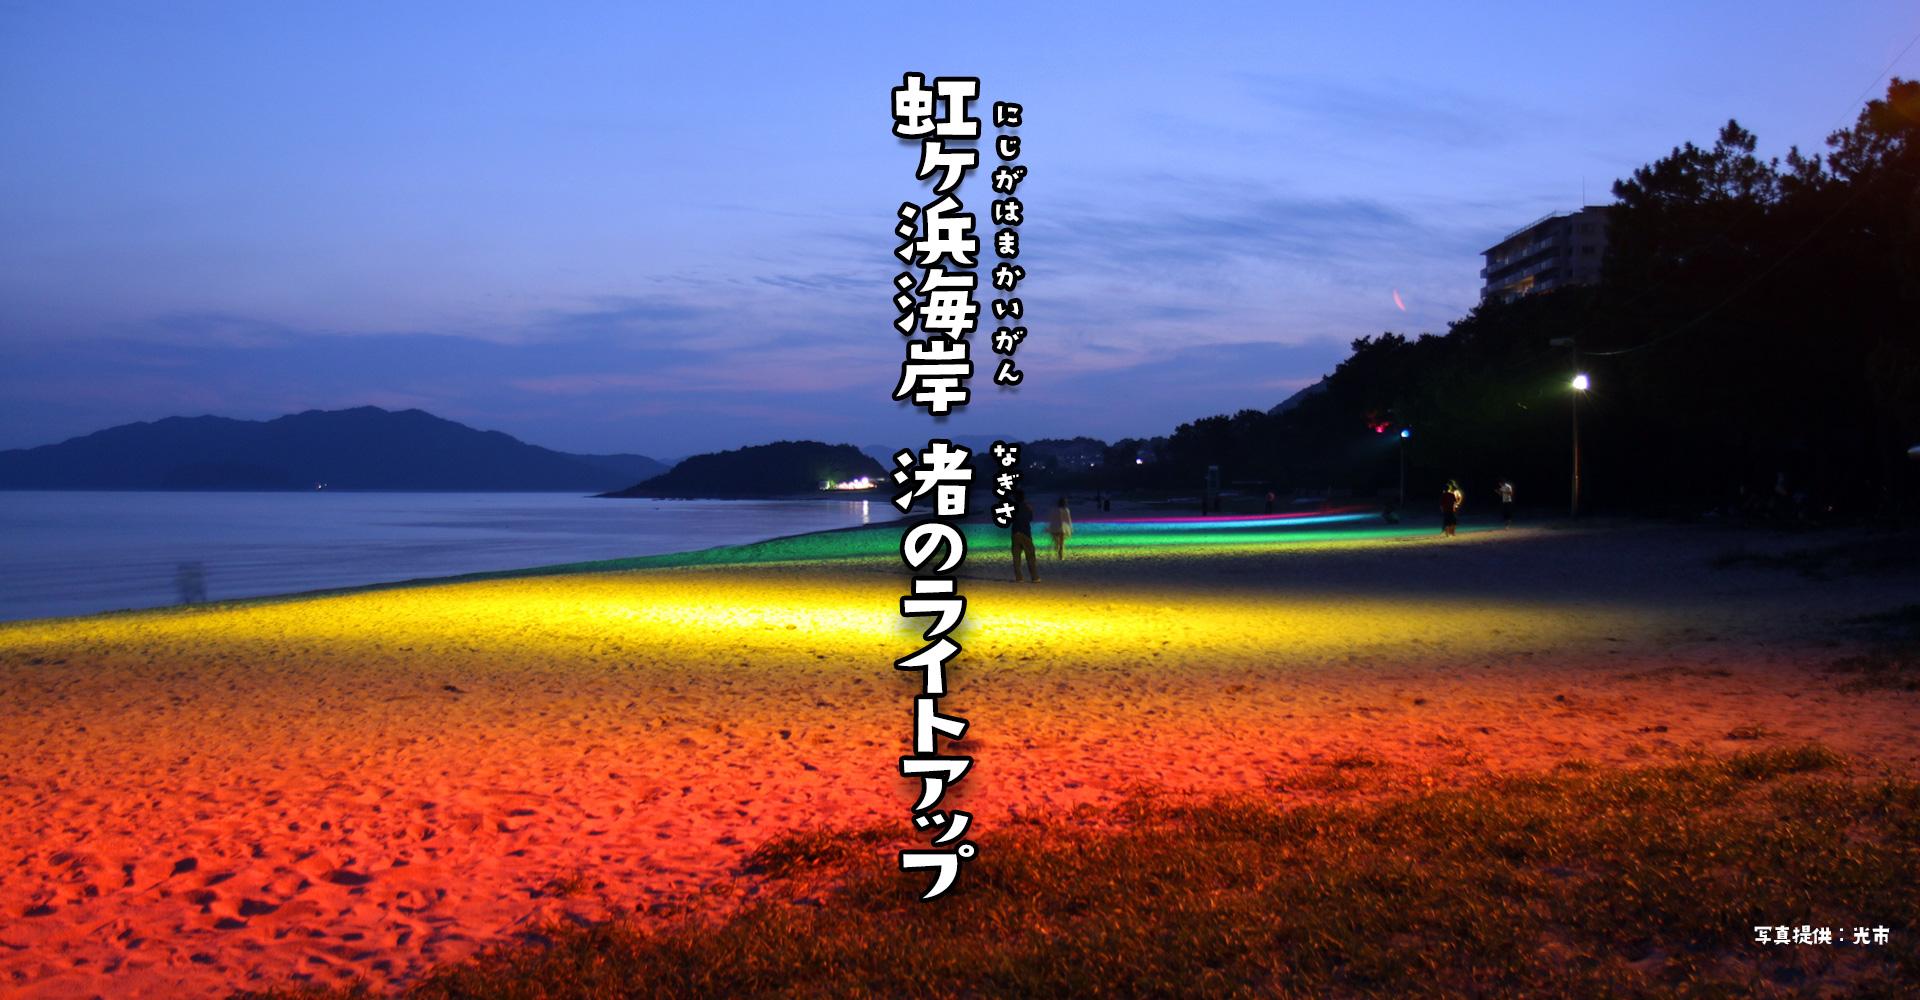 画像:渚のライトアップ